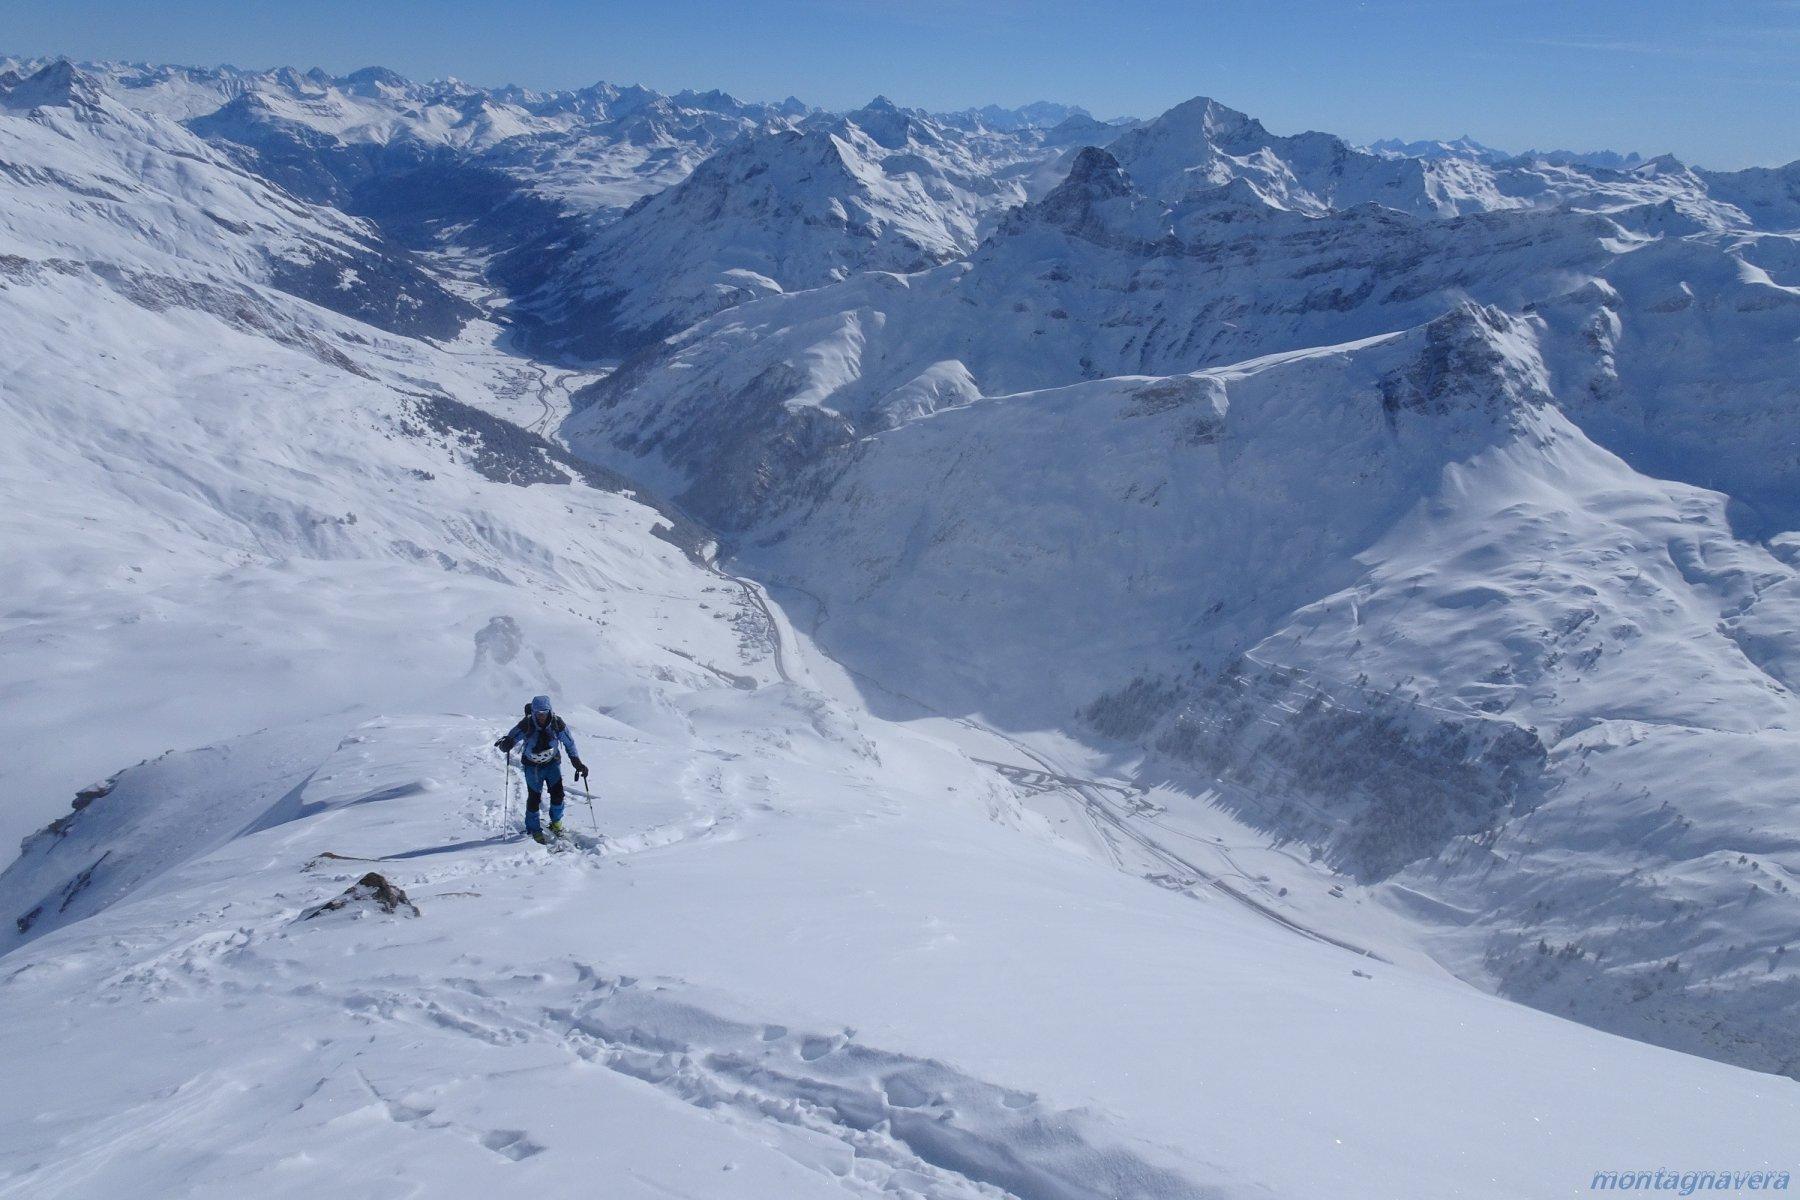 il punto più spettacolare, 1400m a sbalzo sopra il fondovalle